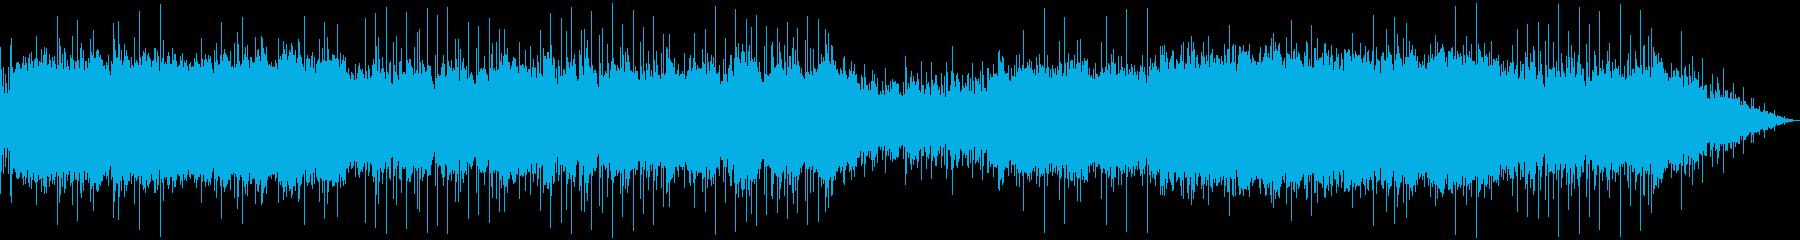 SF_疾走感あるゲーム風のBGMの再生済みの波形